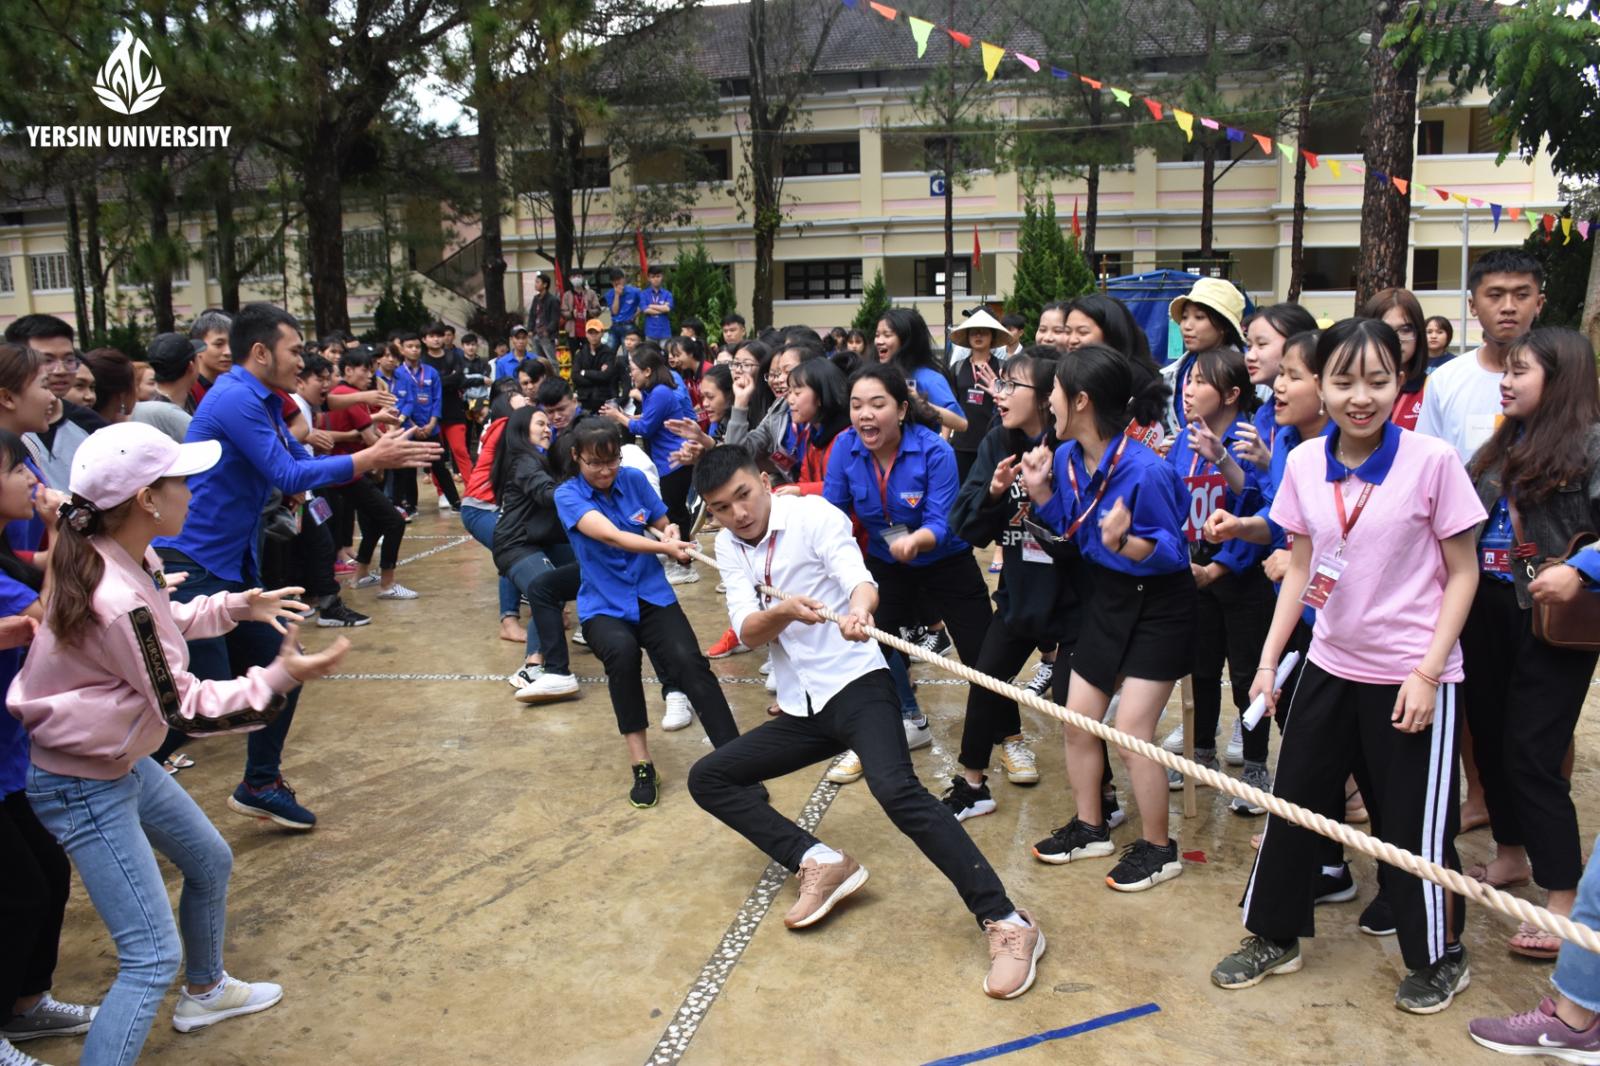 Hội trại, 15 năm, Trường Đại học Yersin Đà Lạt